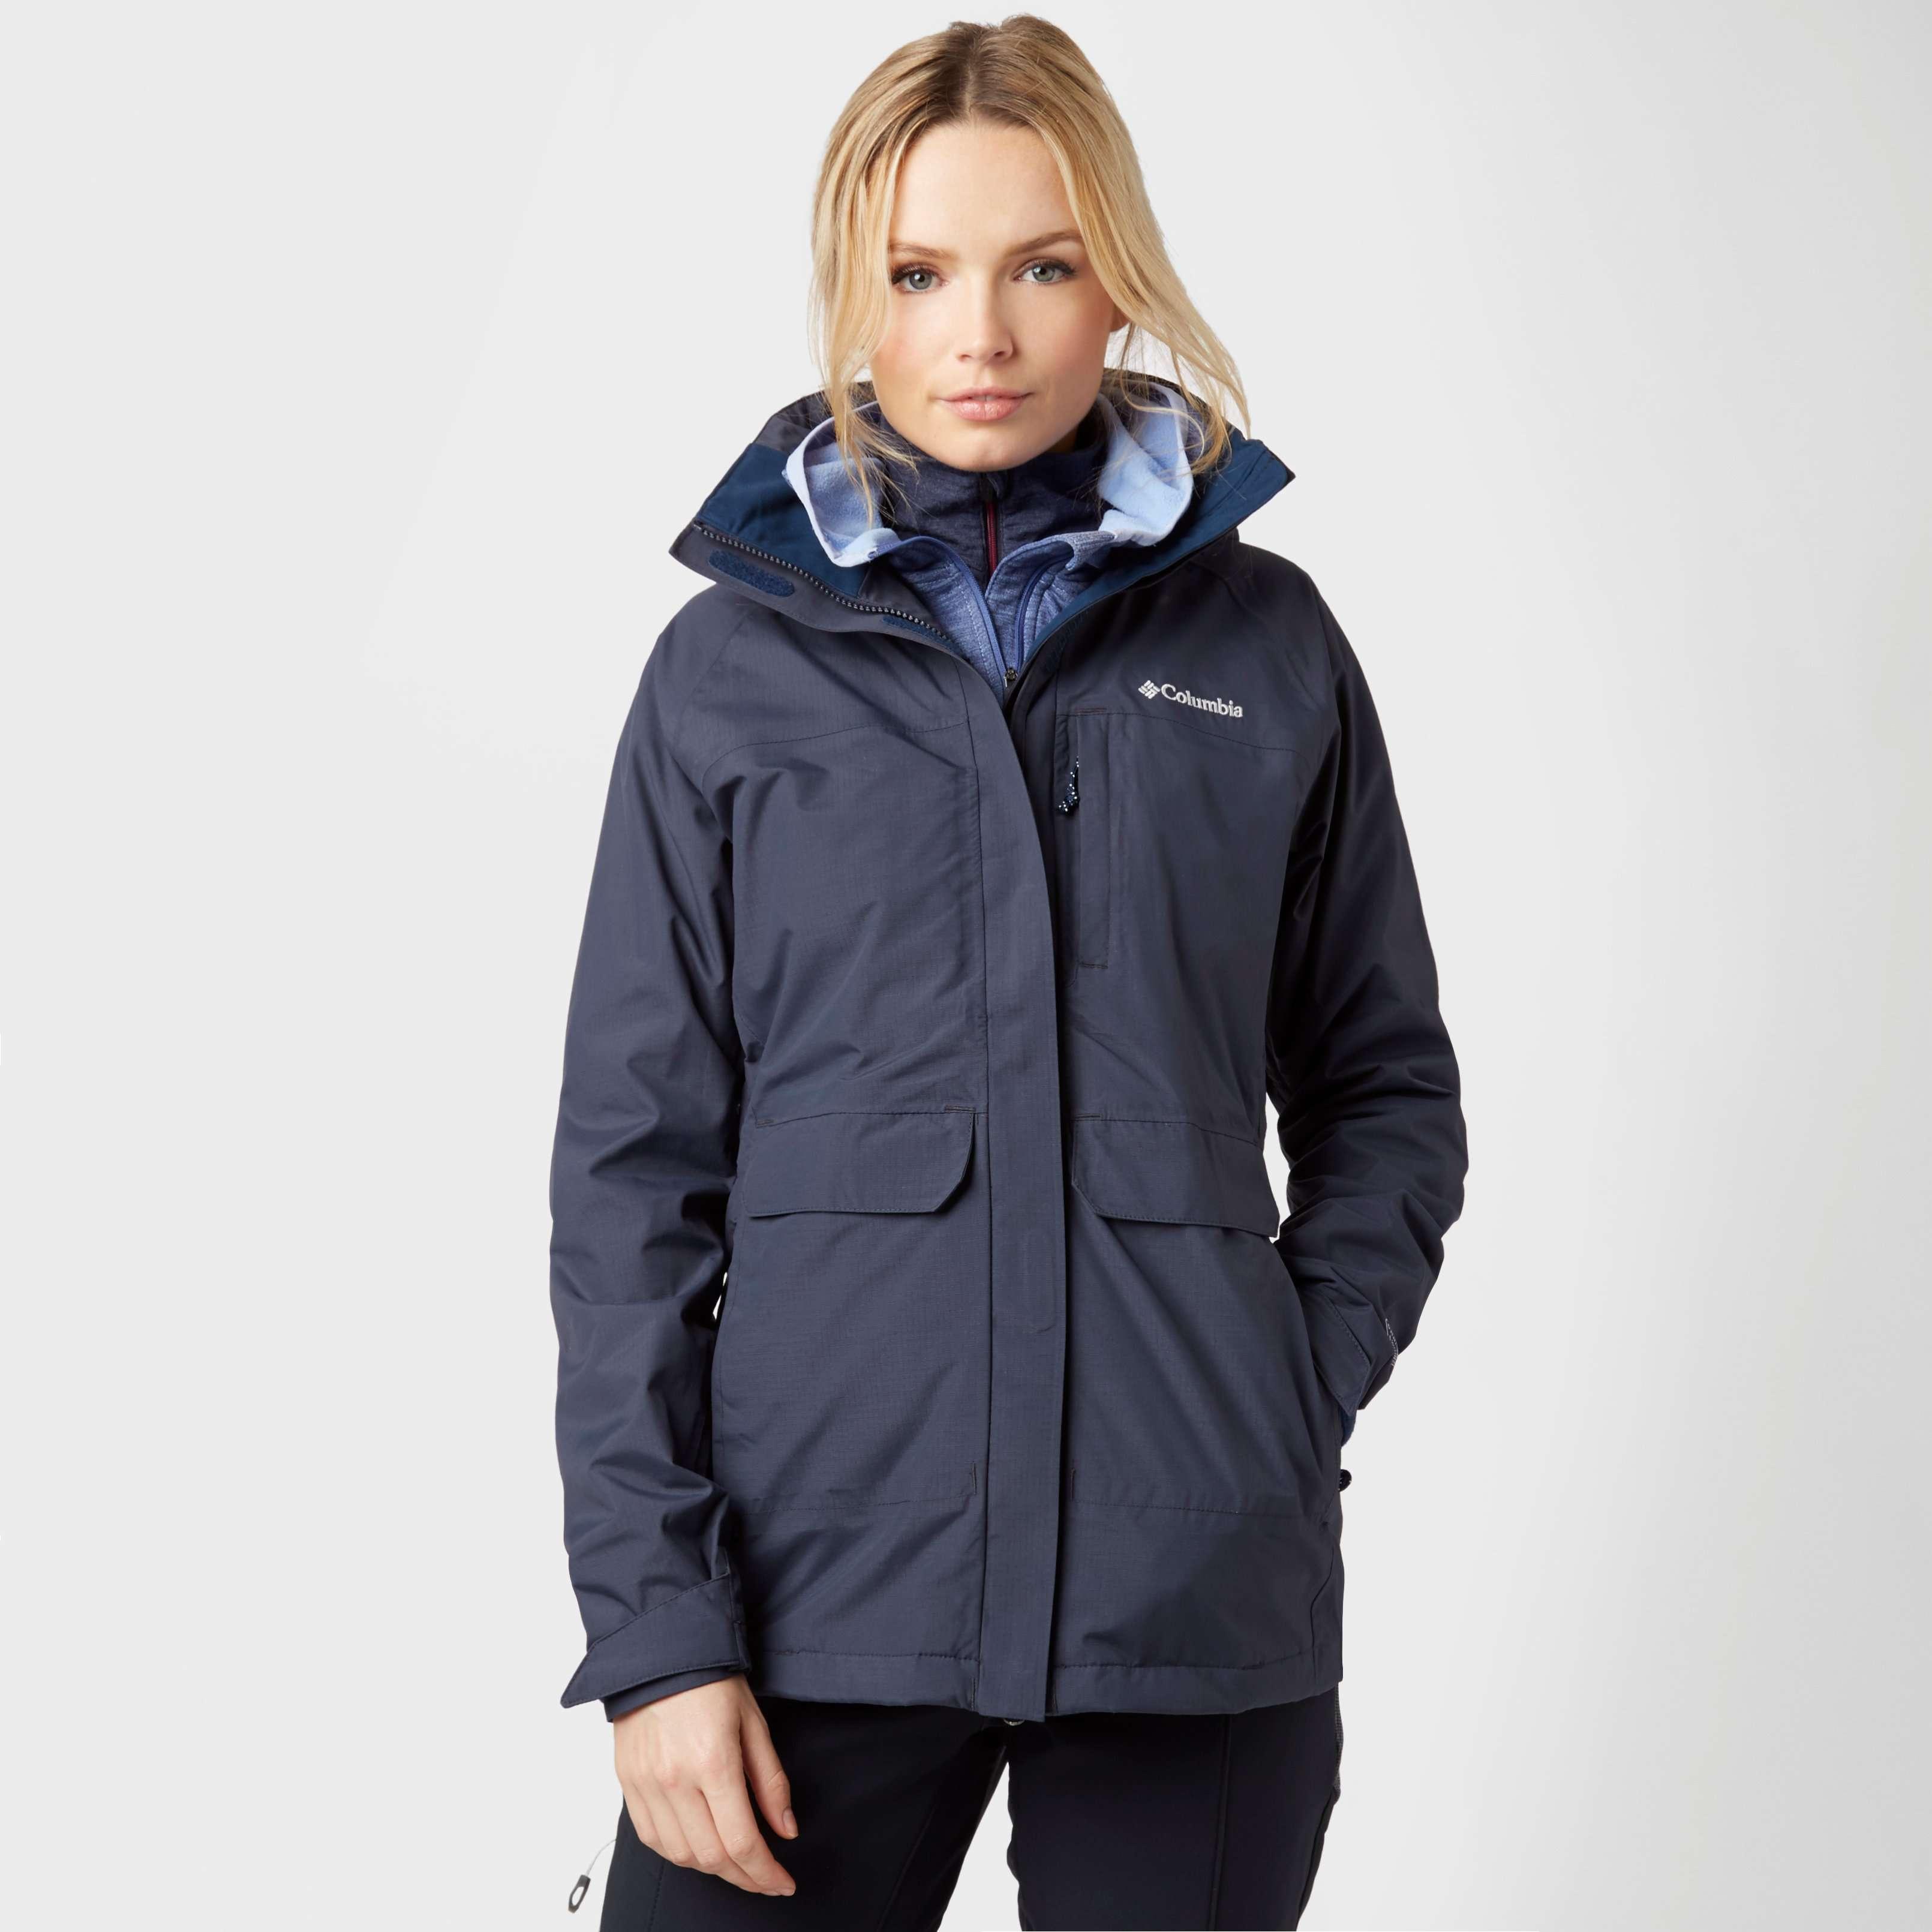 COLUMBIA Women's Longer Miles Waterproof Jacket